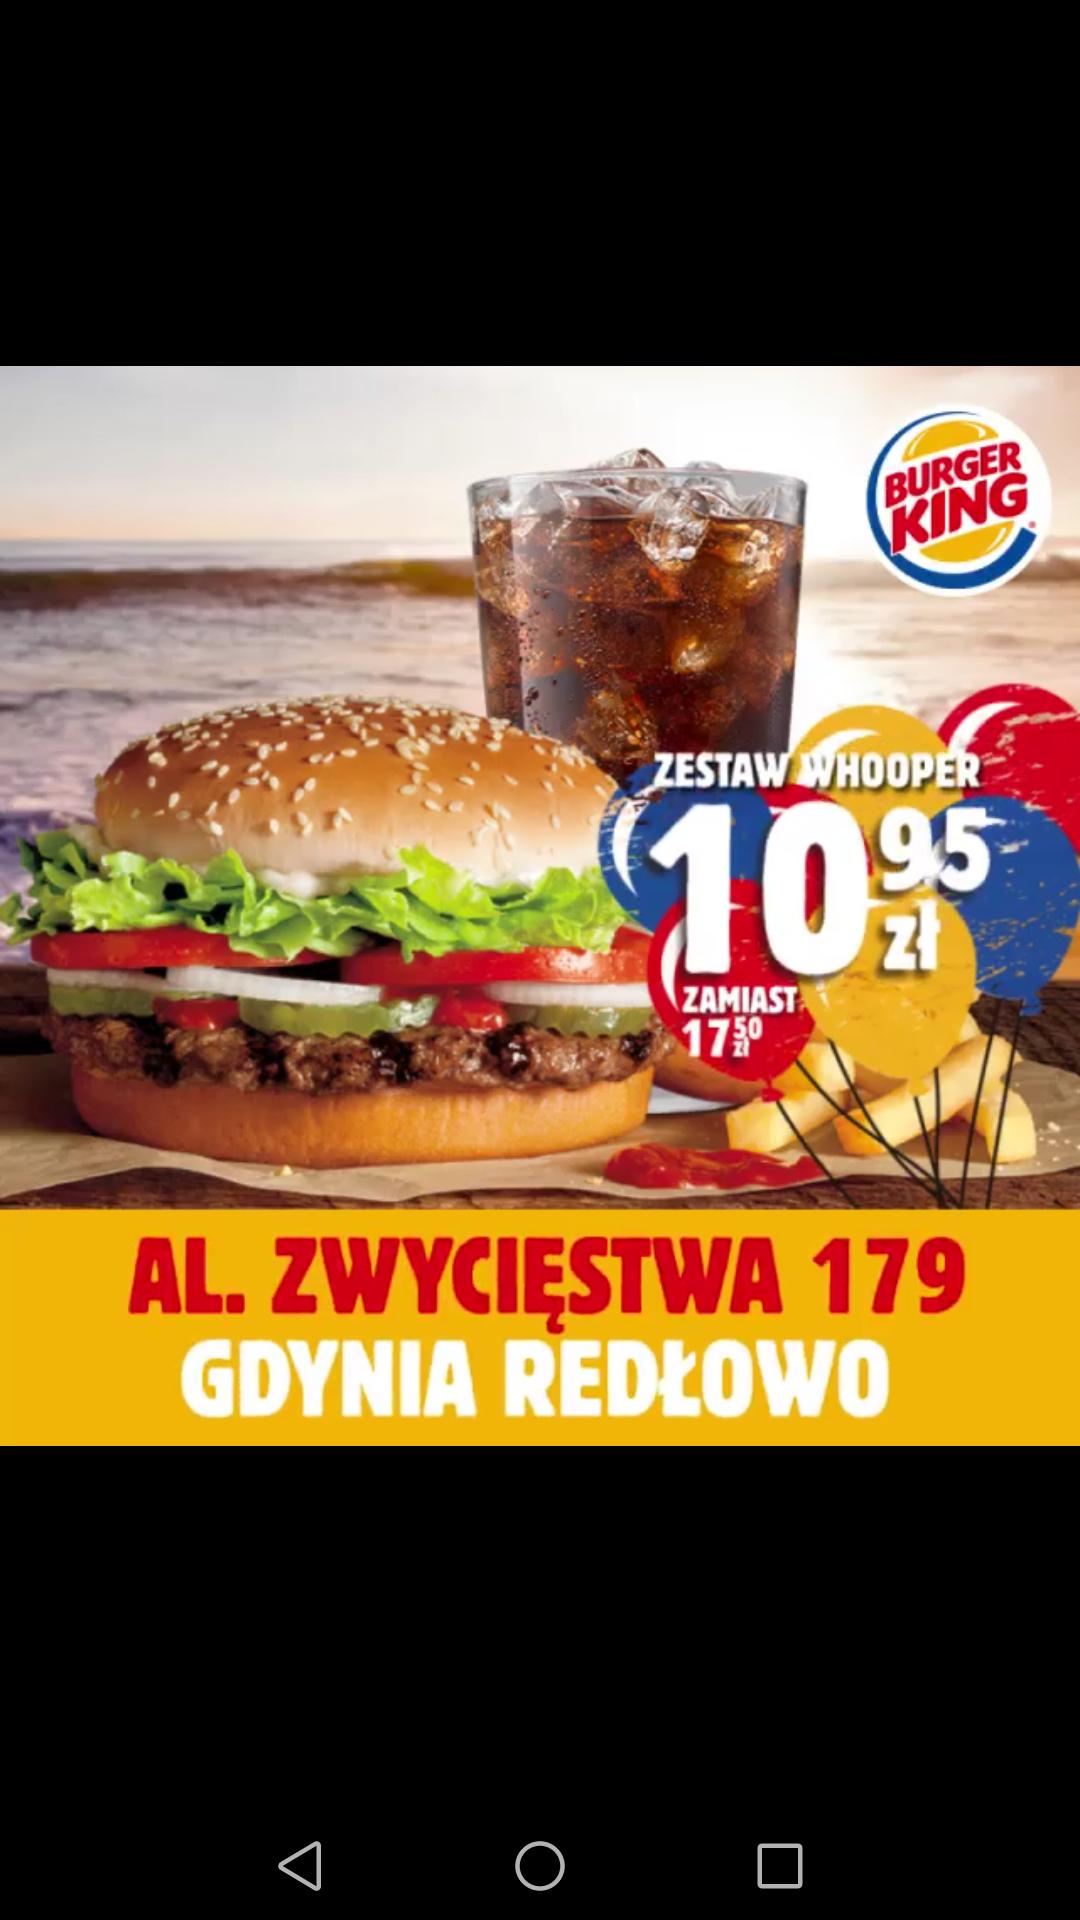 Zestaw Whooper za 10.95 zł  - Gdynia